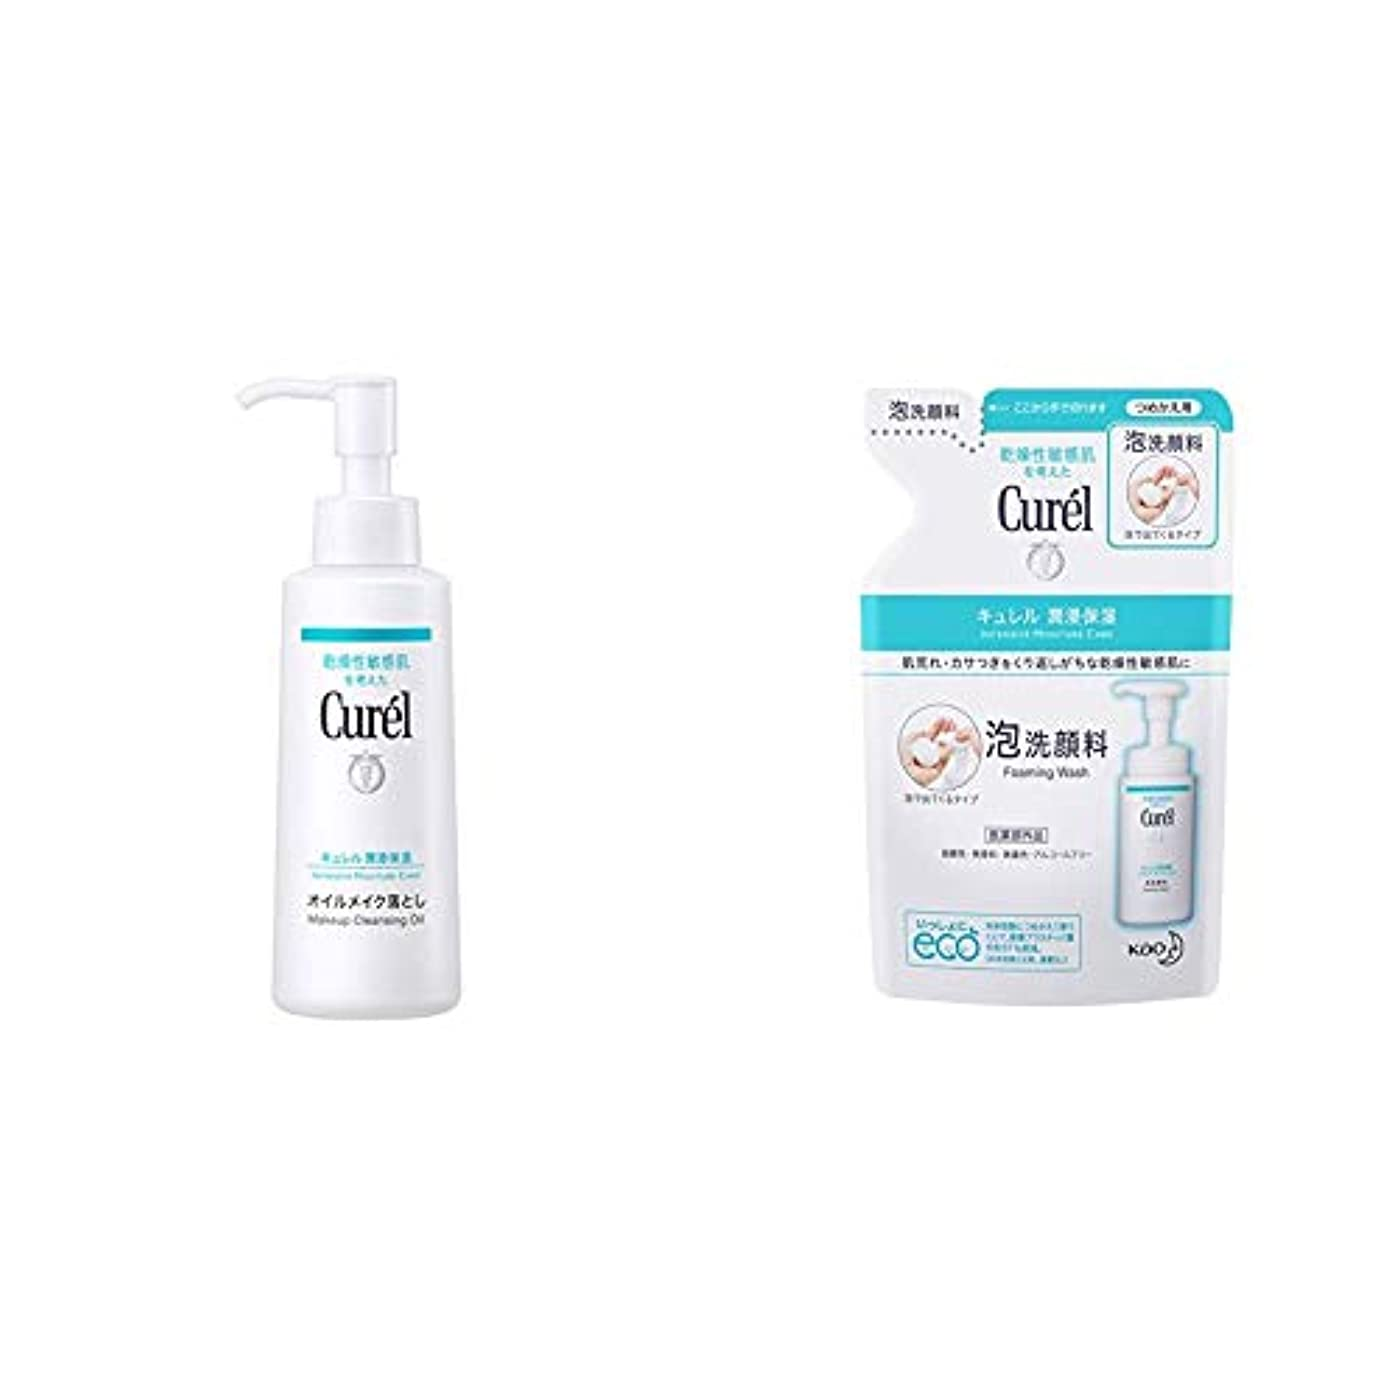 危険を冒しますせがむ運動するキュレル オイルメイク落とし 150ml & 泡洗顔料 つめかえ用 130ml